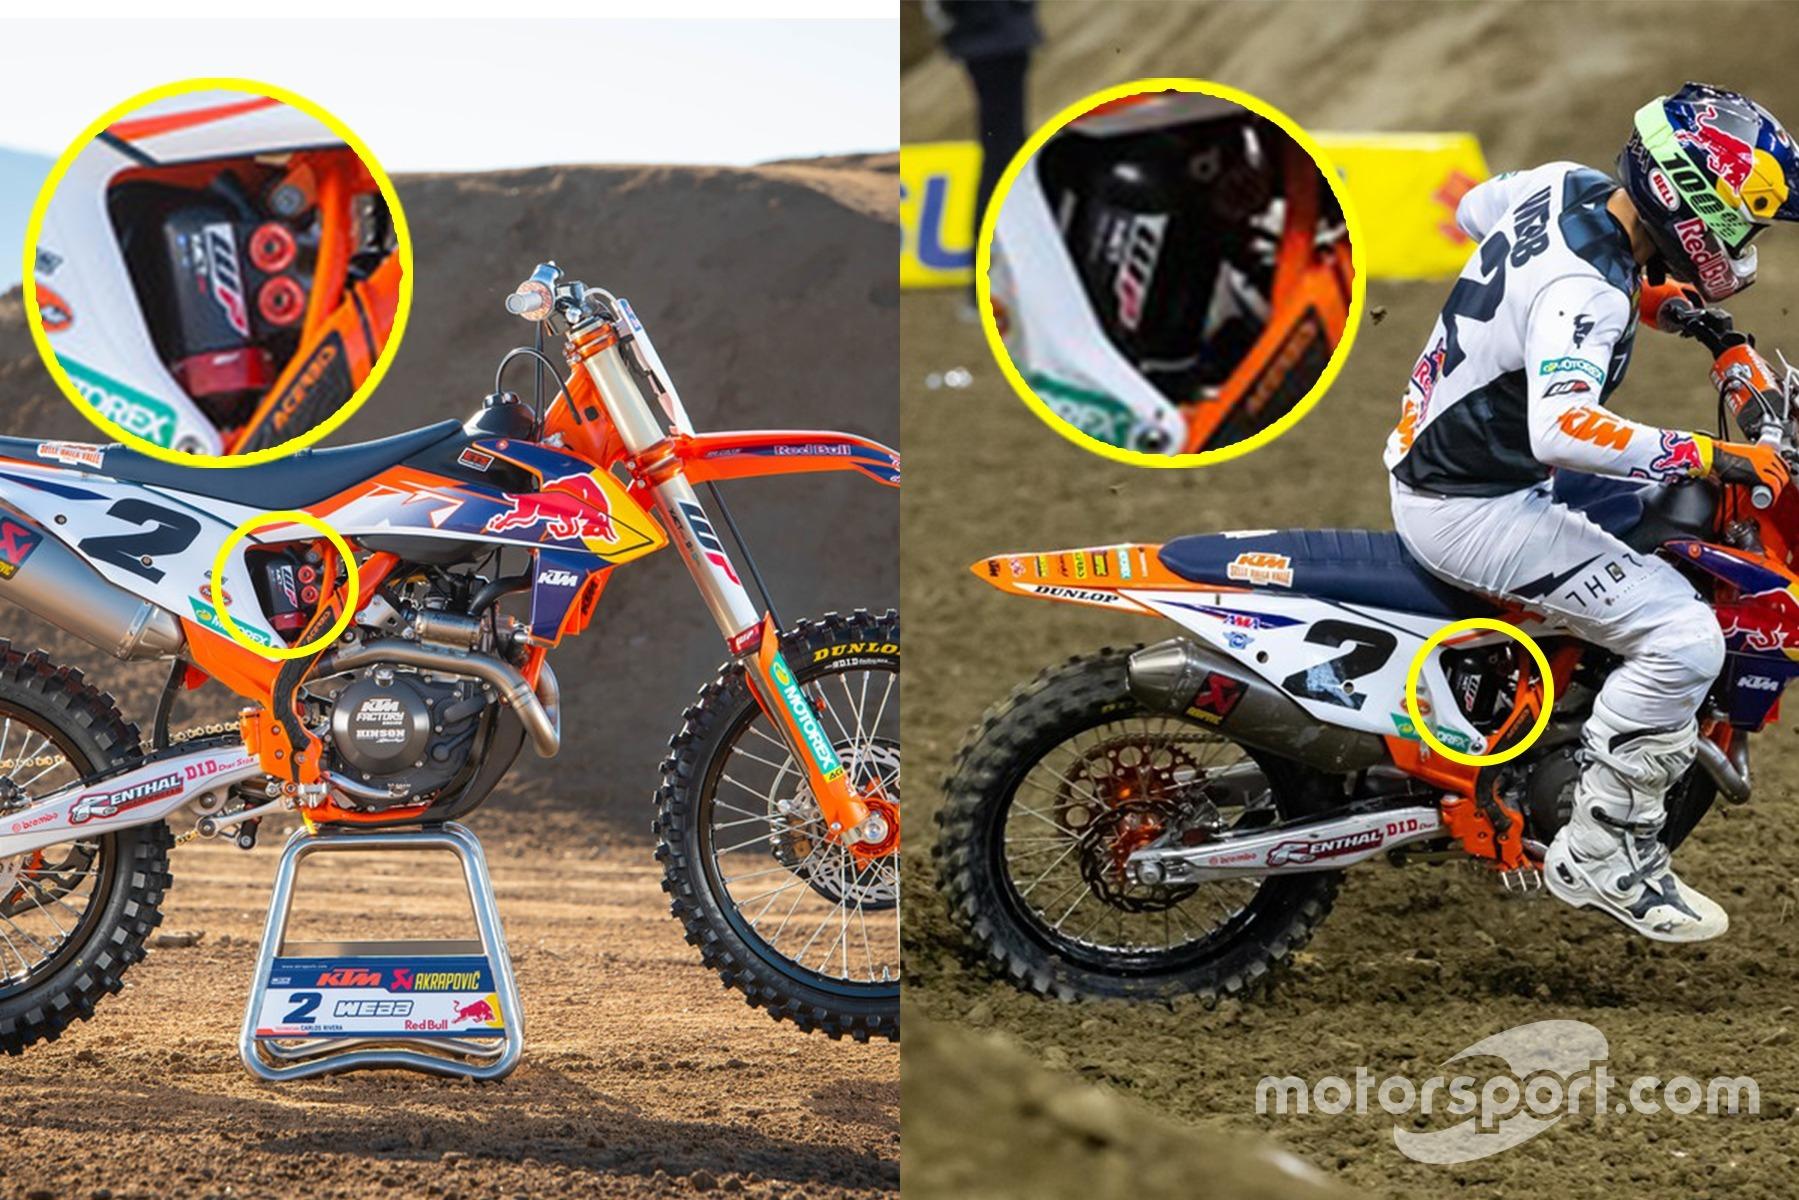 Dos tomas de la moto de Cooper Webb: a la izquierda, durante la sesión de fotos oficial de KTM con muelle convencional y a la derecha, durante la carrera de Supercross en Indianápolis, donde utiliza la suspensión neumática.